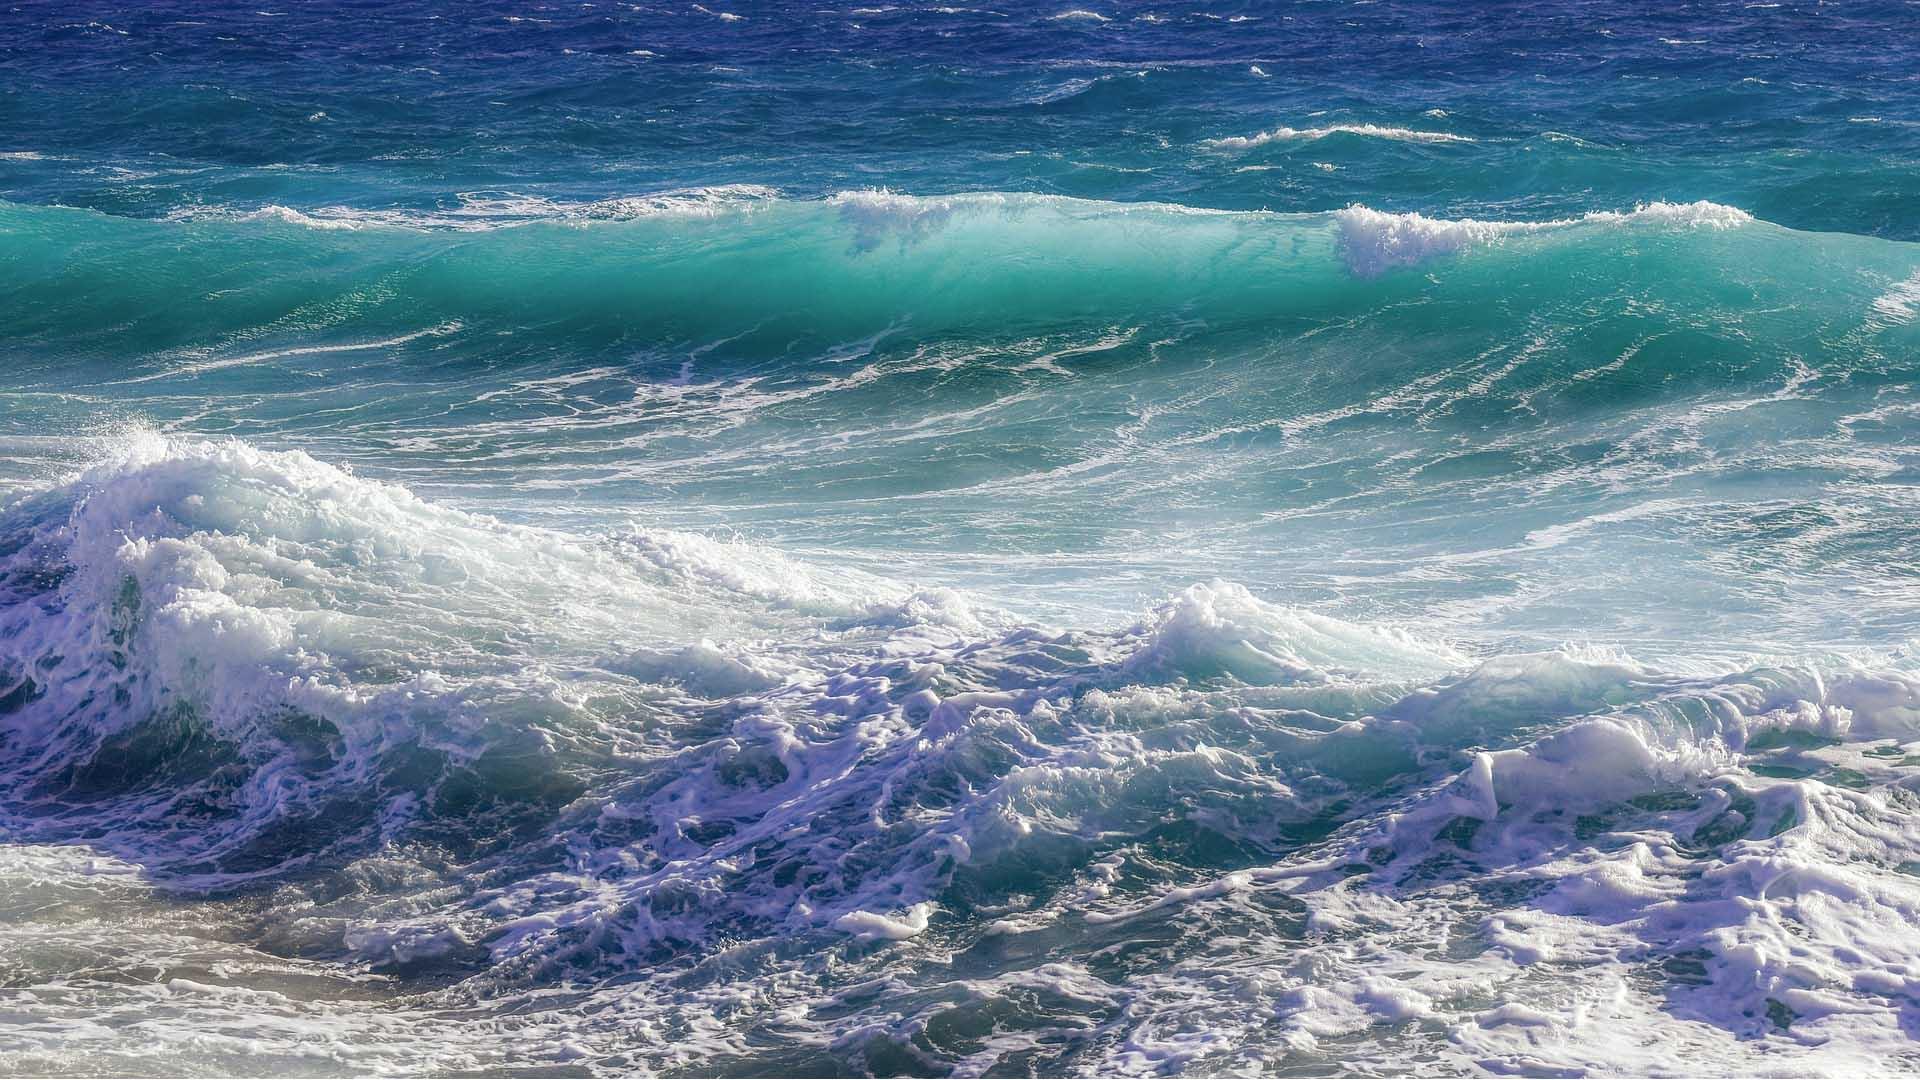 Presenta en COP25 informe sobre descenso de oxígeno en océanos — UICN